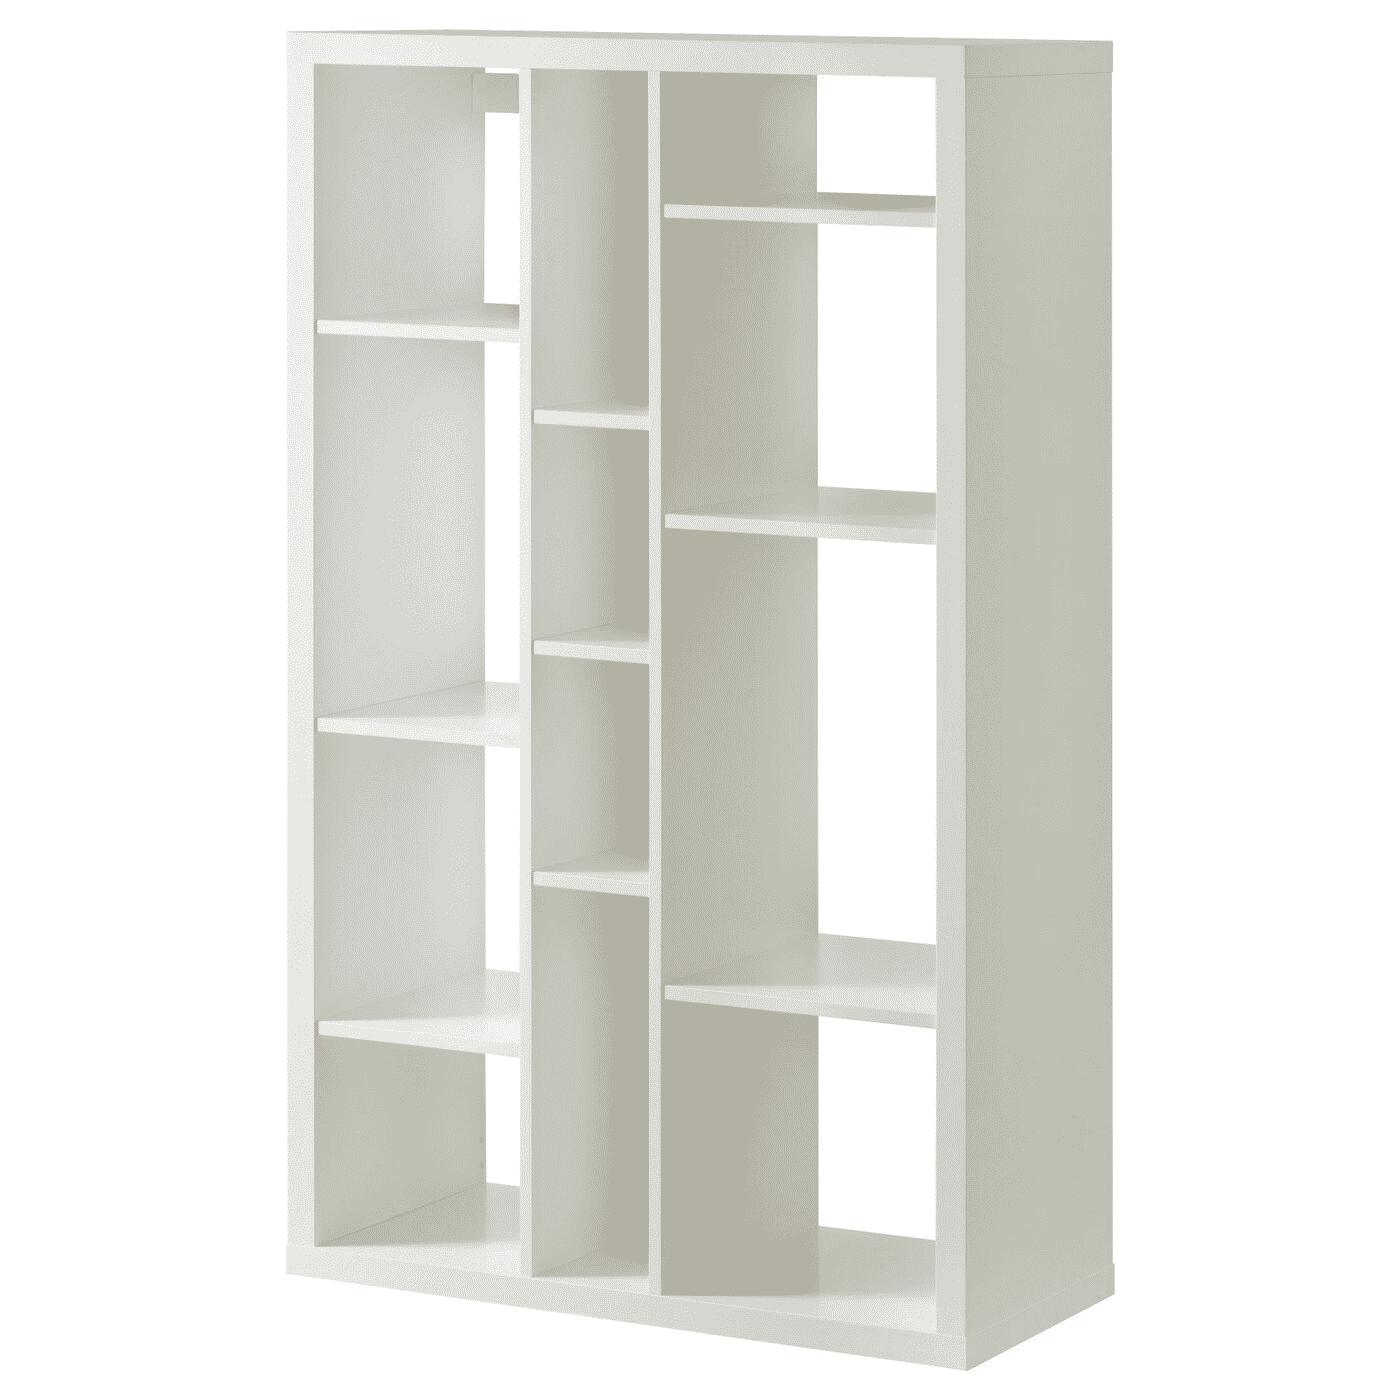 Three Part Kallax Shelf